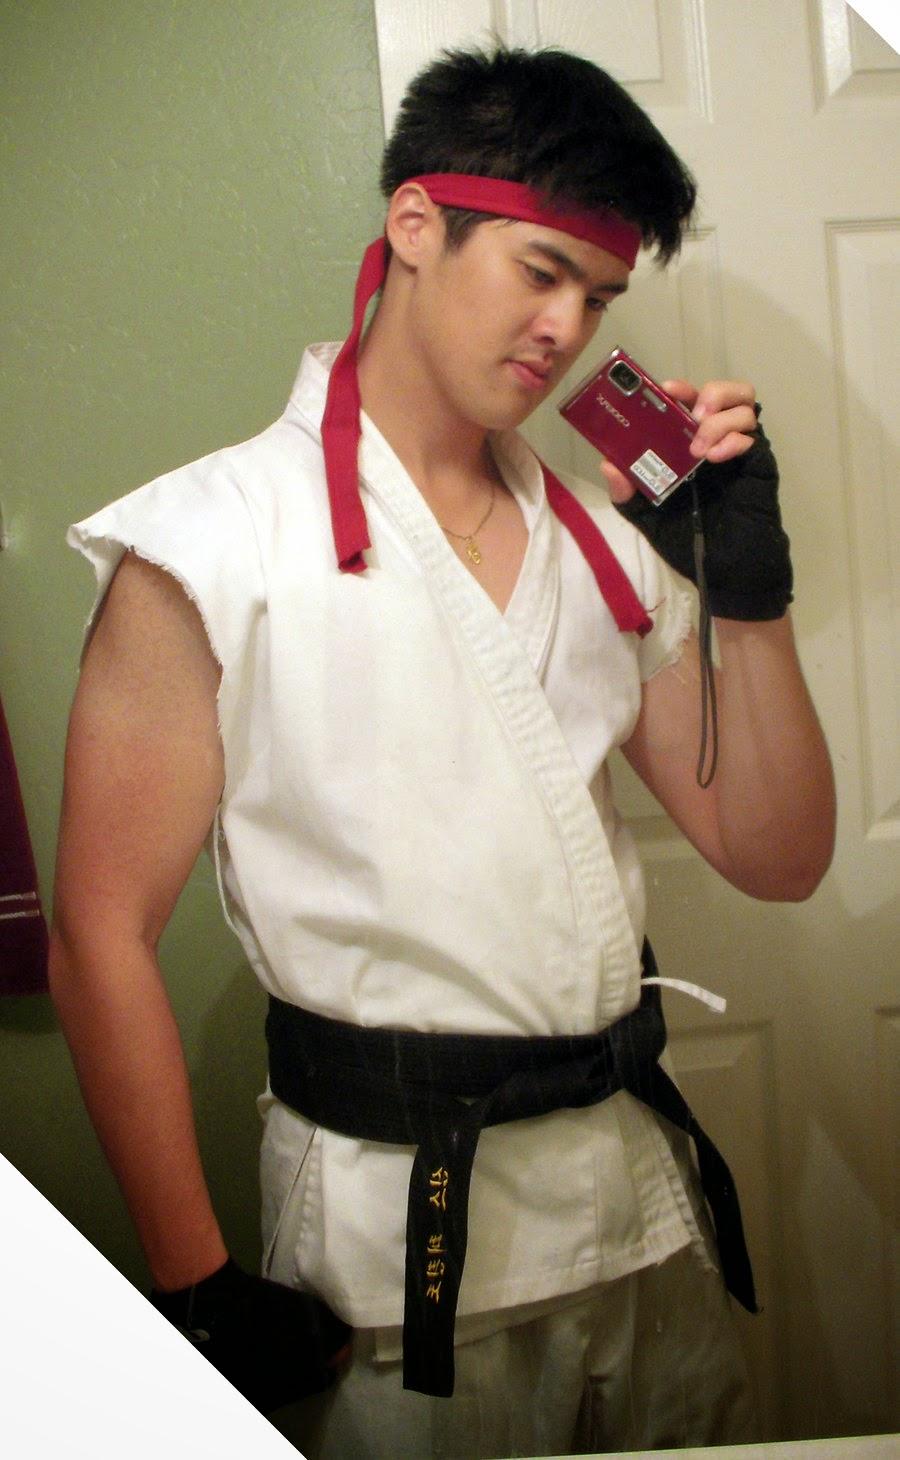 M Bison Street Fighter Movie Street Fighter Cosplay...